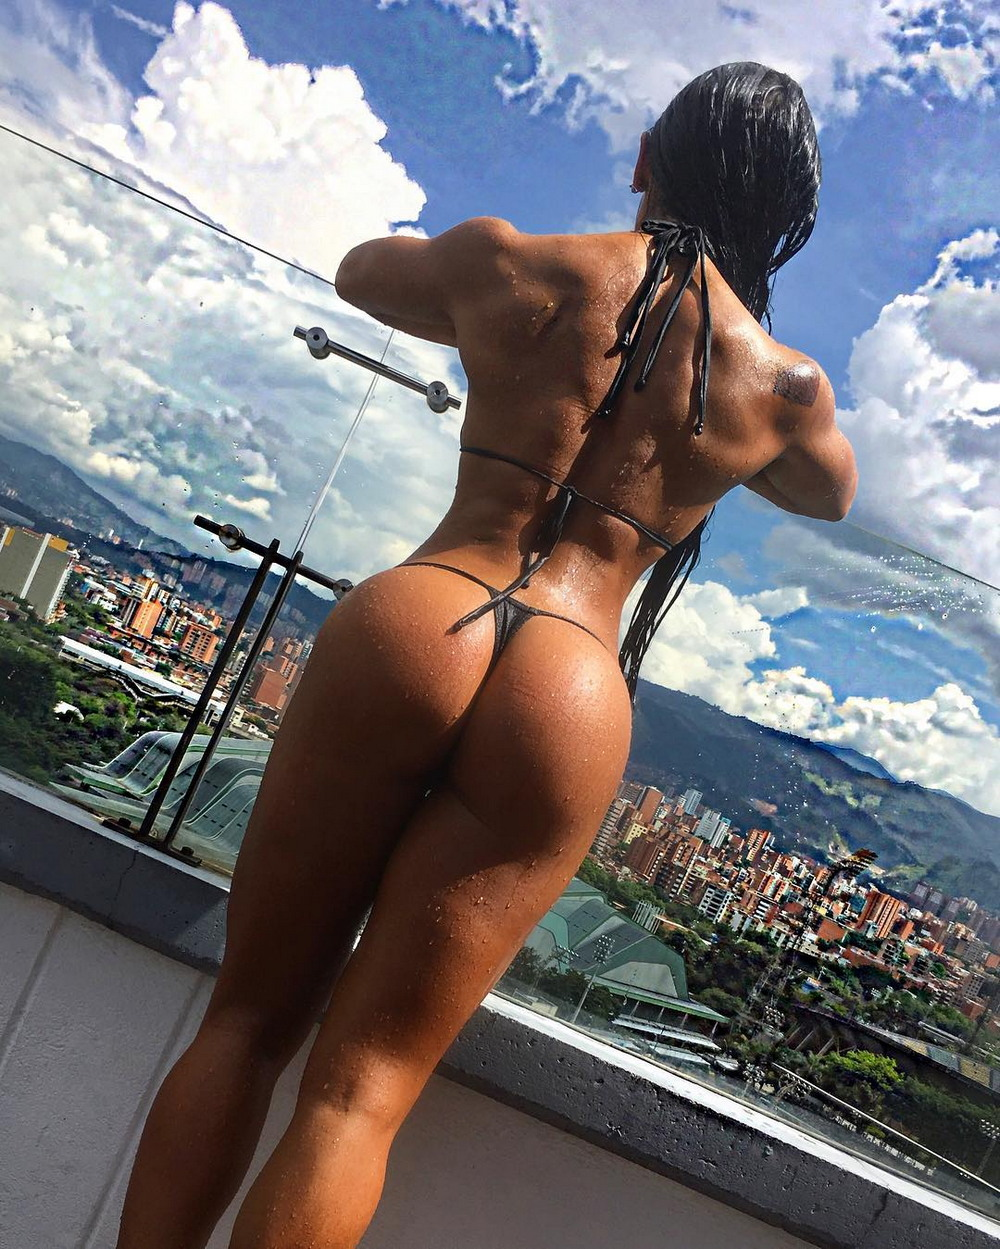 эротическое фото девушек спортивного телосложения - 2